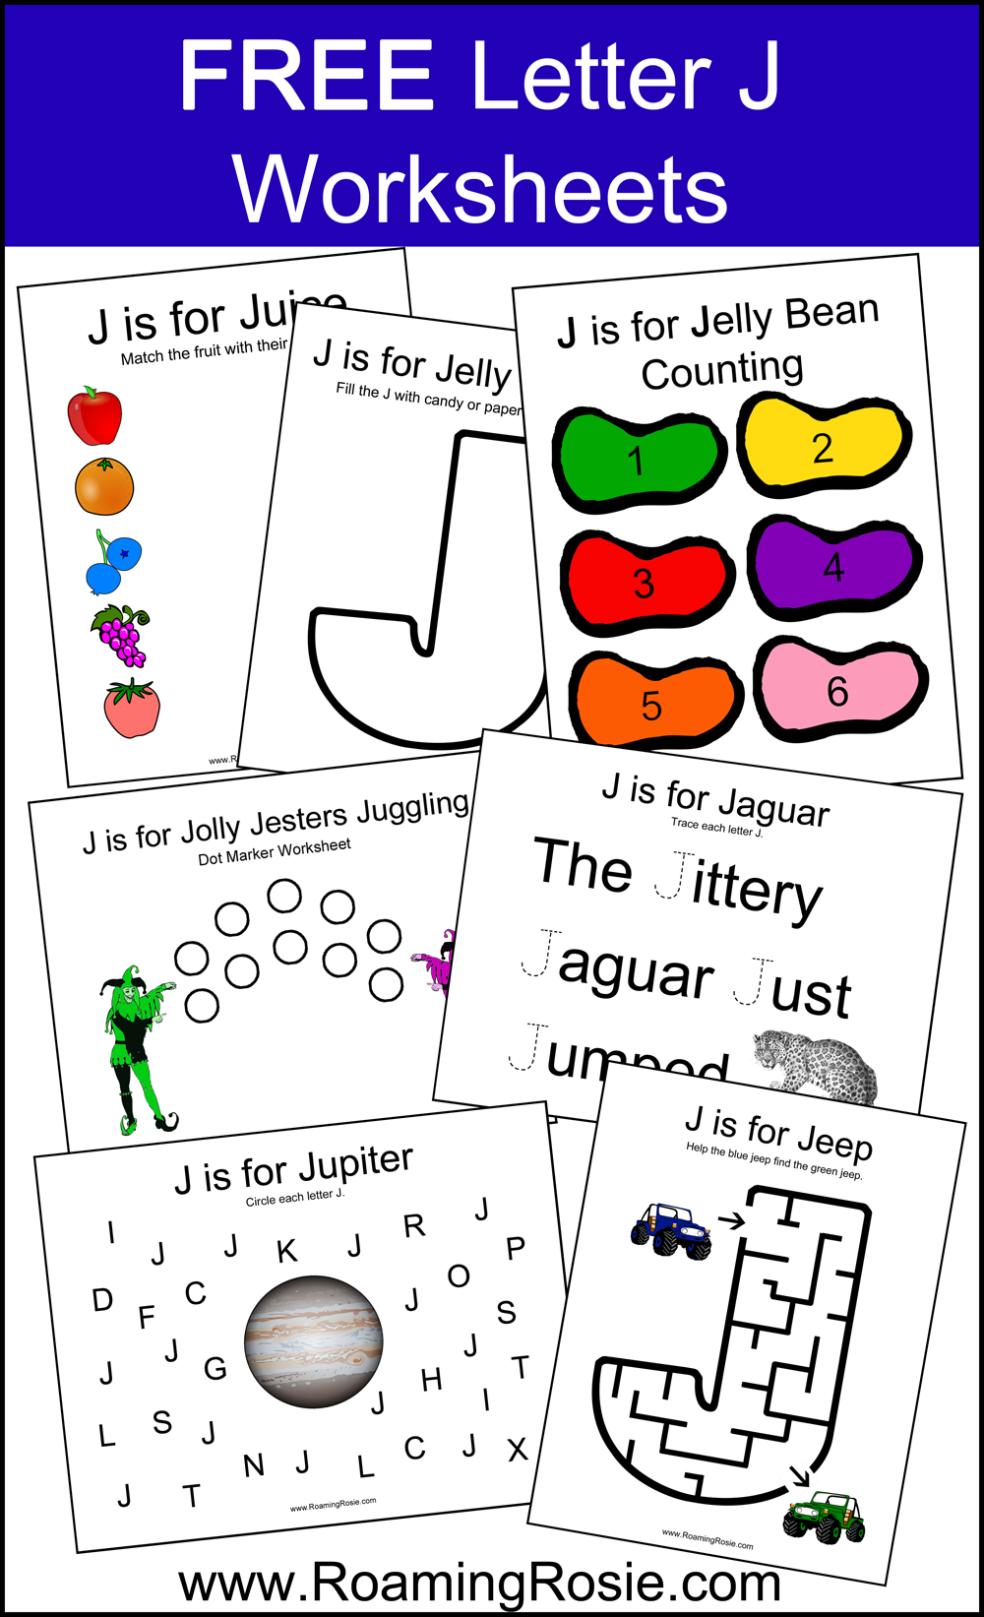 worksheet Free Printable Letter J Worksheets letter j alphabet activities free printable worksheets from roaming rosie